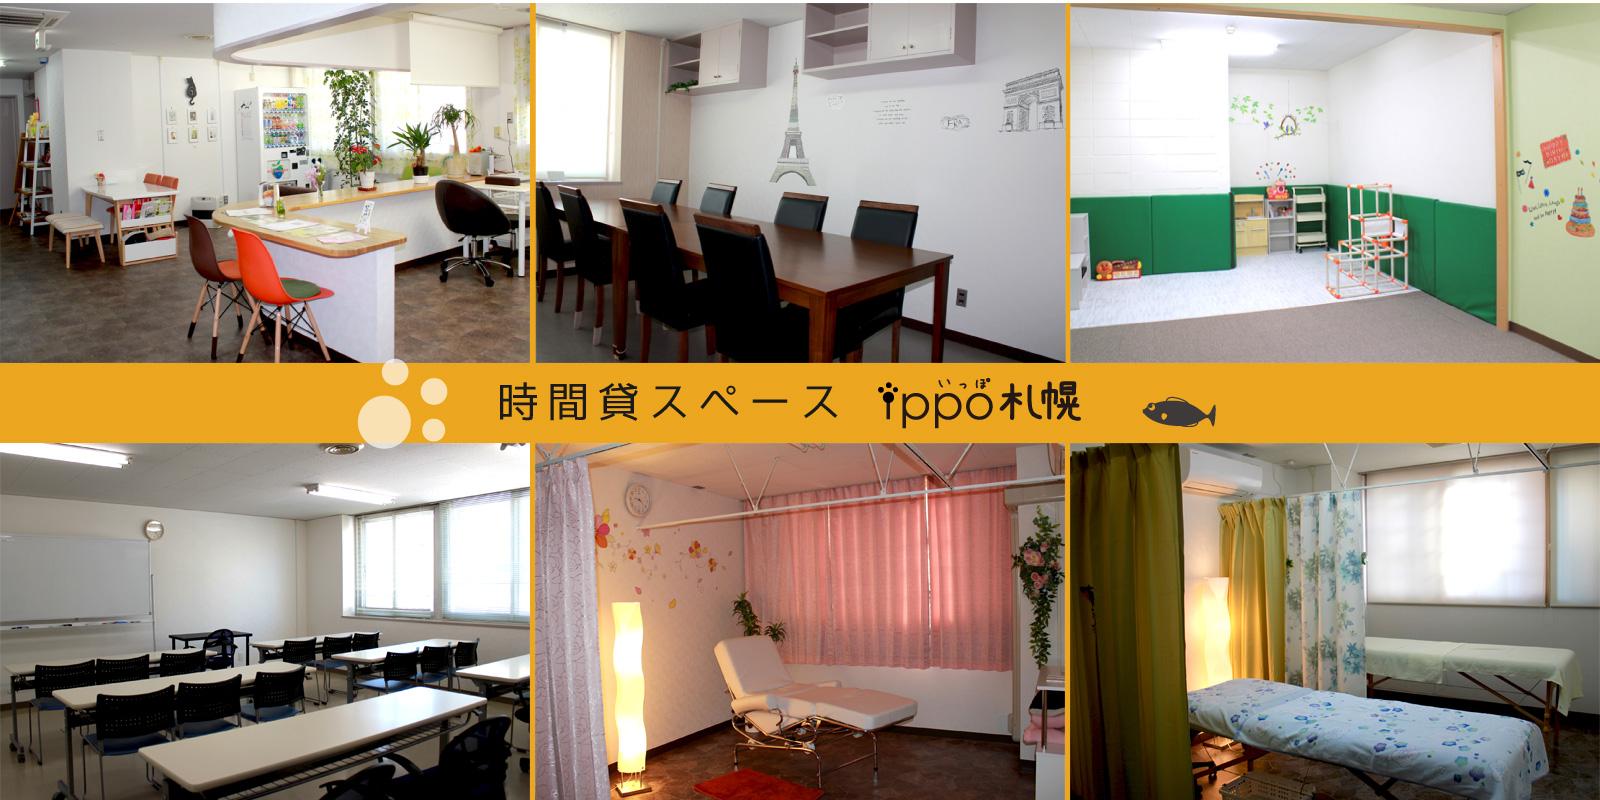 札幌での創業・事業展開を応援